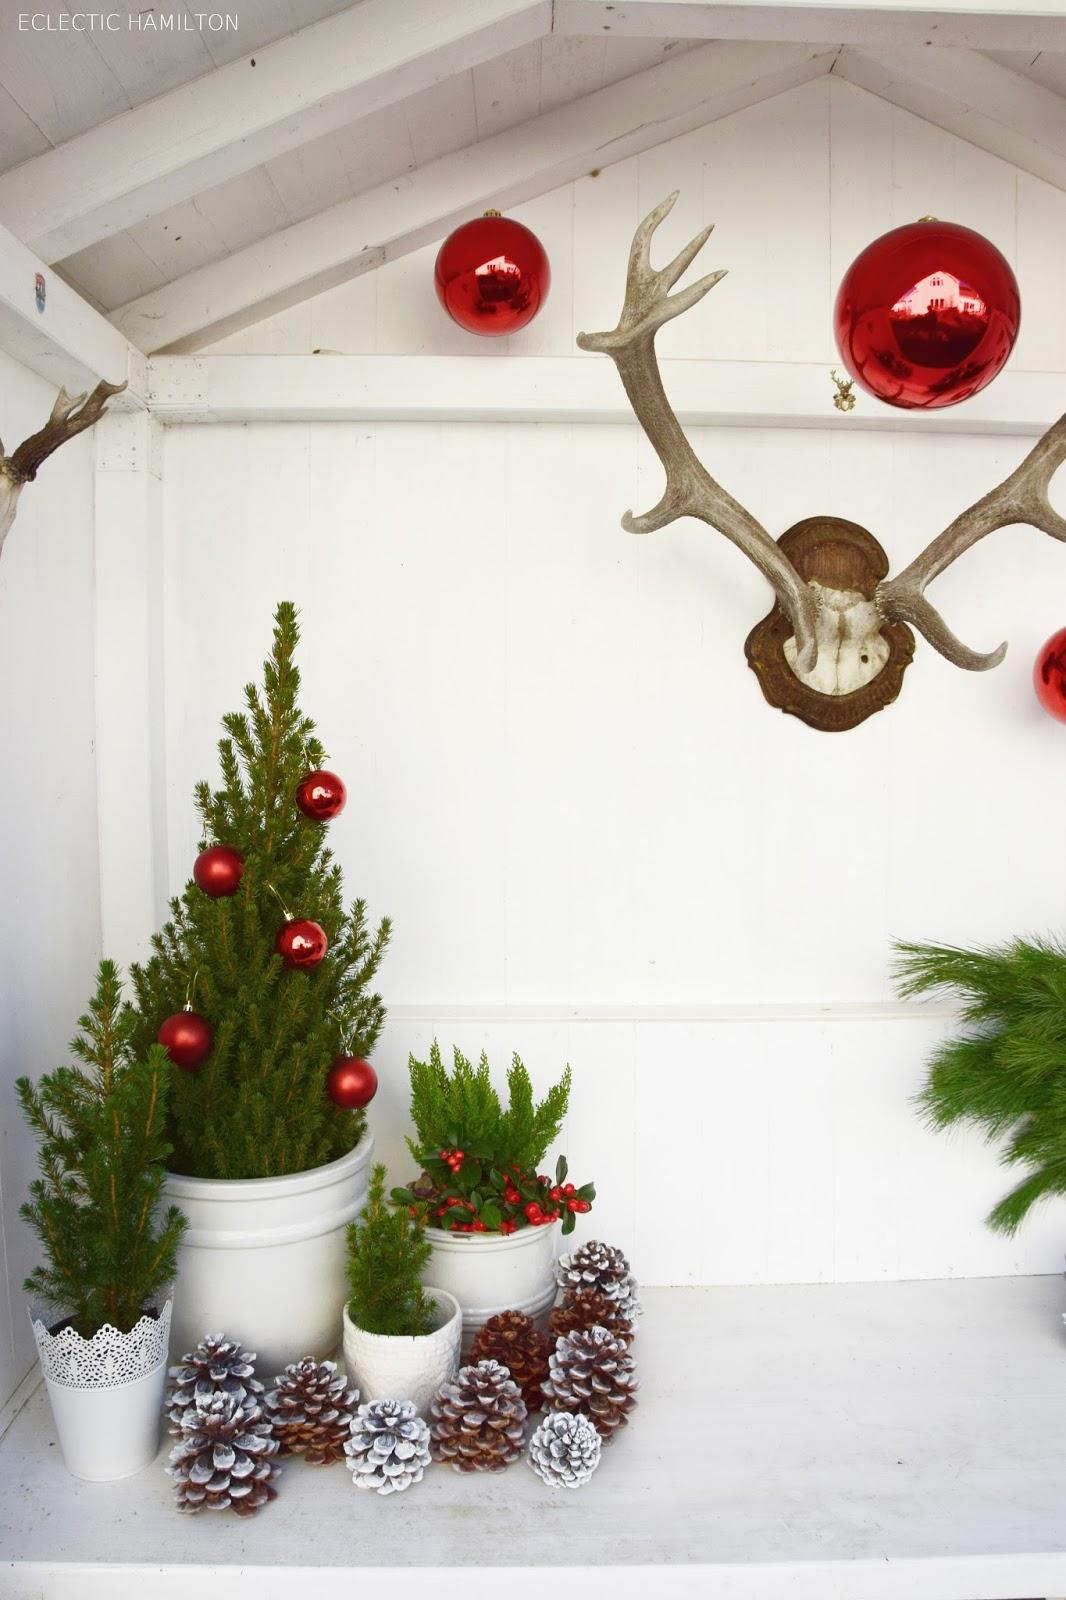 Weihnachtsdeko Tipps meine erste weihnachtsdeko und deko tipps für euch eclectic hamilton